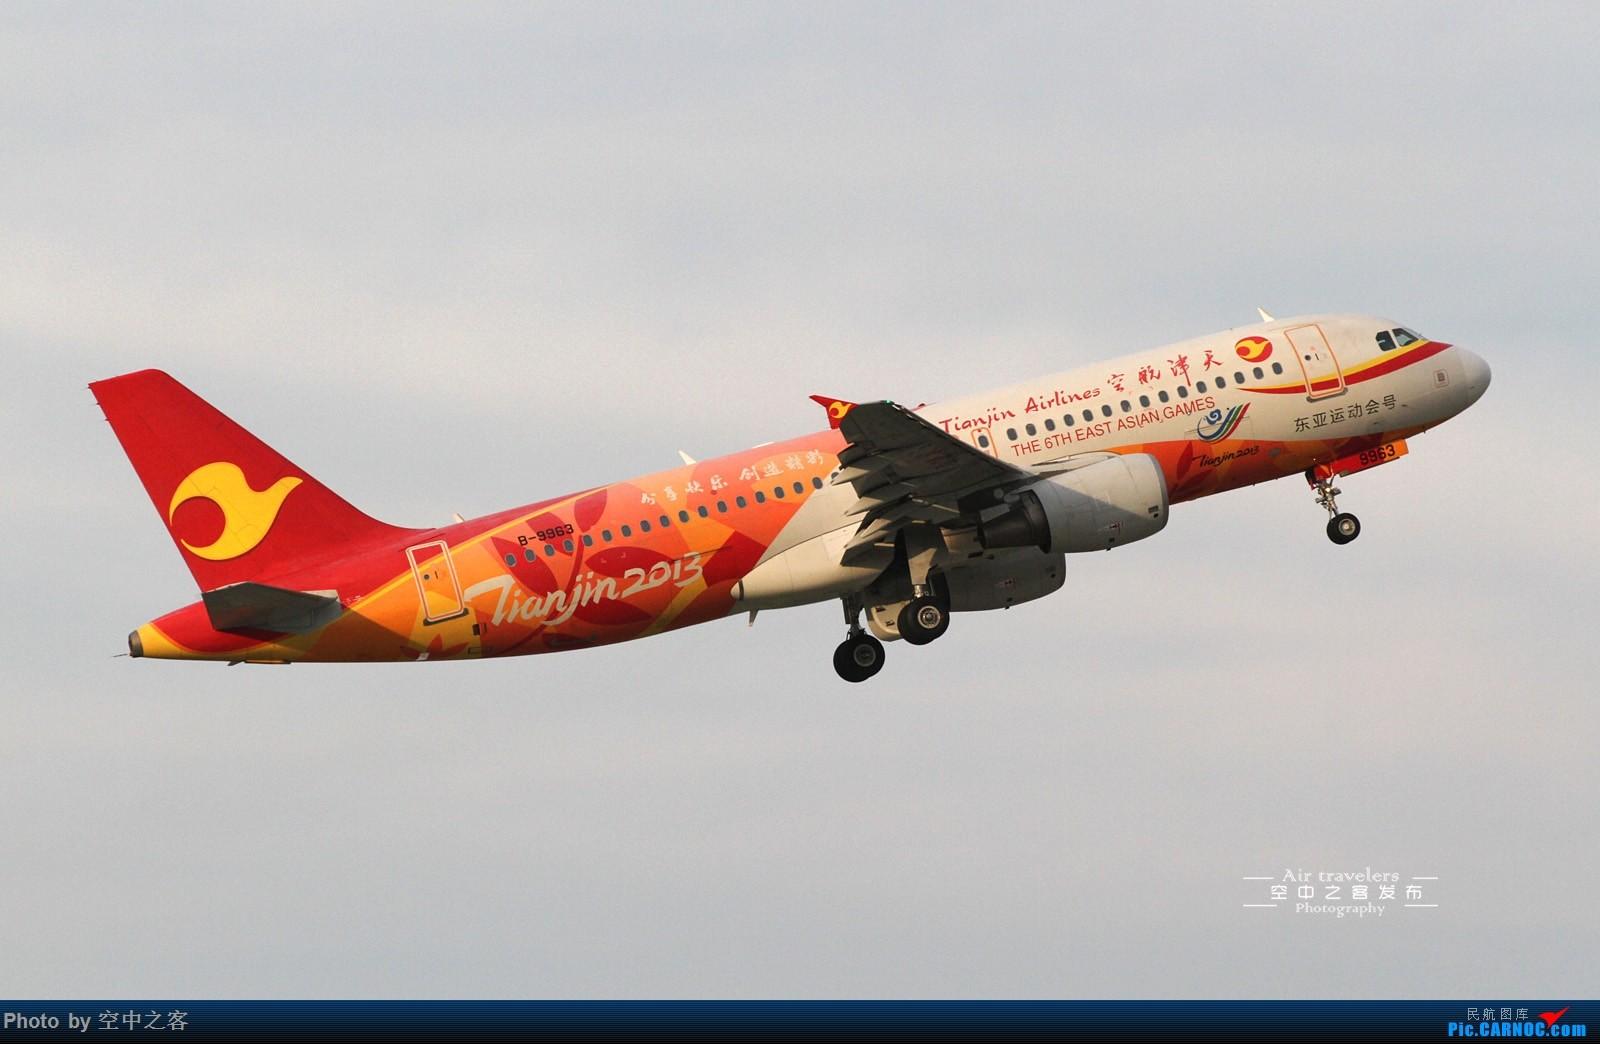 Re:[原创][合肥飞友会·霸都打机队]空中之客发布 新机场A5拍机位草都长一人高了 拍拍拉起 AIRBUS A320-200 B-9963 合肥新桥国际机场